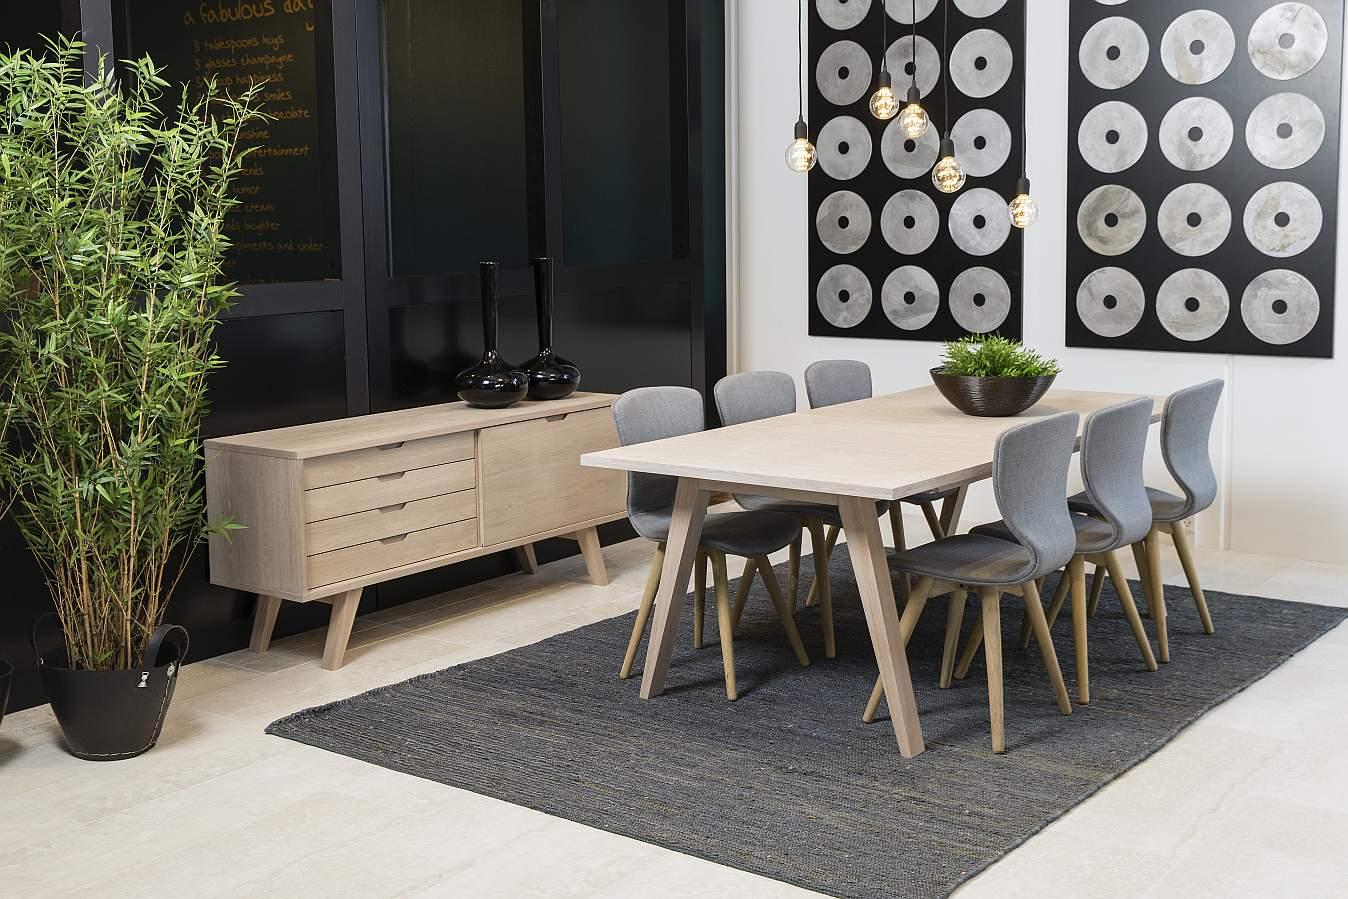 24Designs Bornholm Uitschuifbare Eettafel 210 - 310 Cm X D100 X H74 Cm - Eiken White Wash